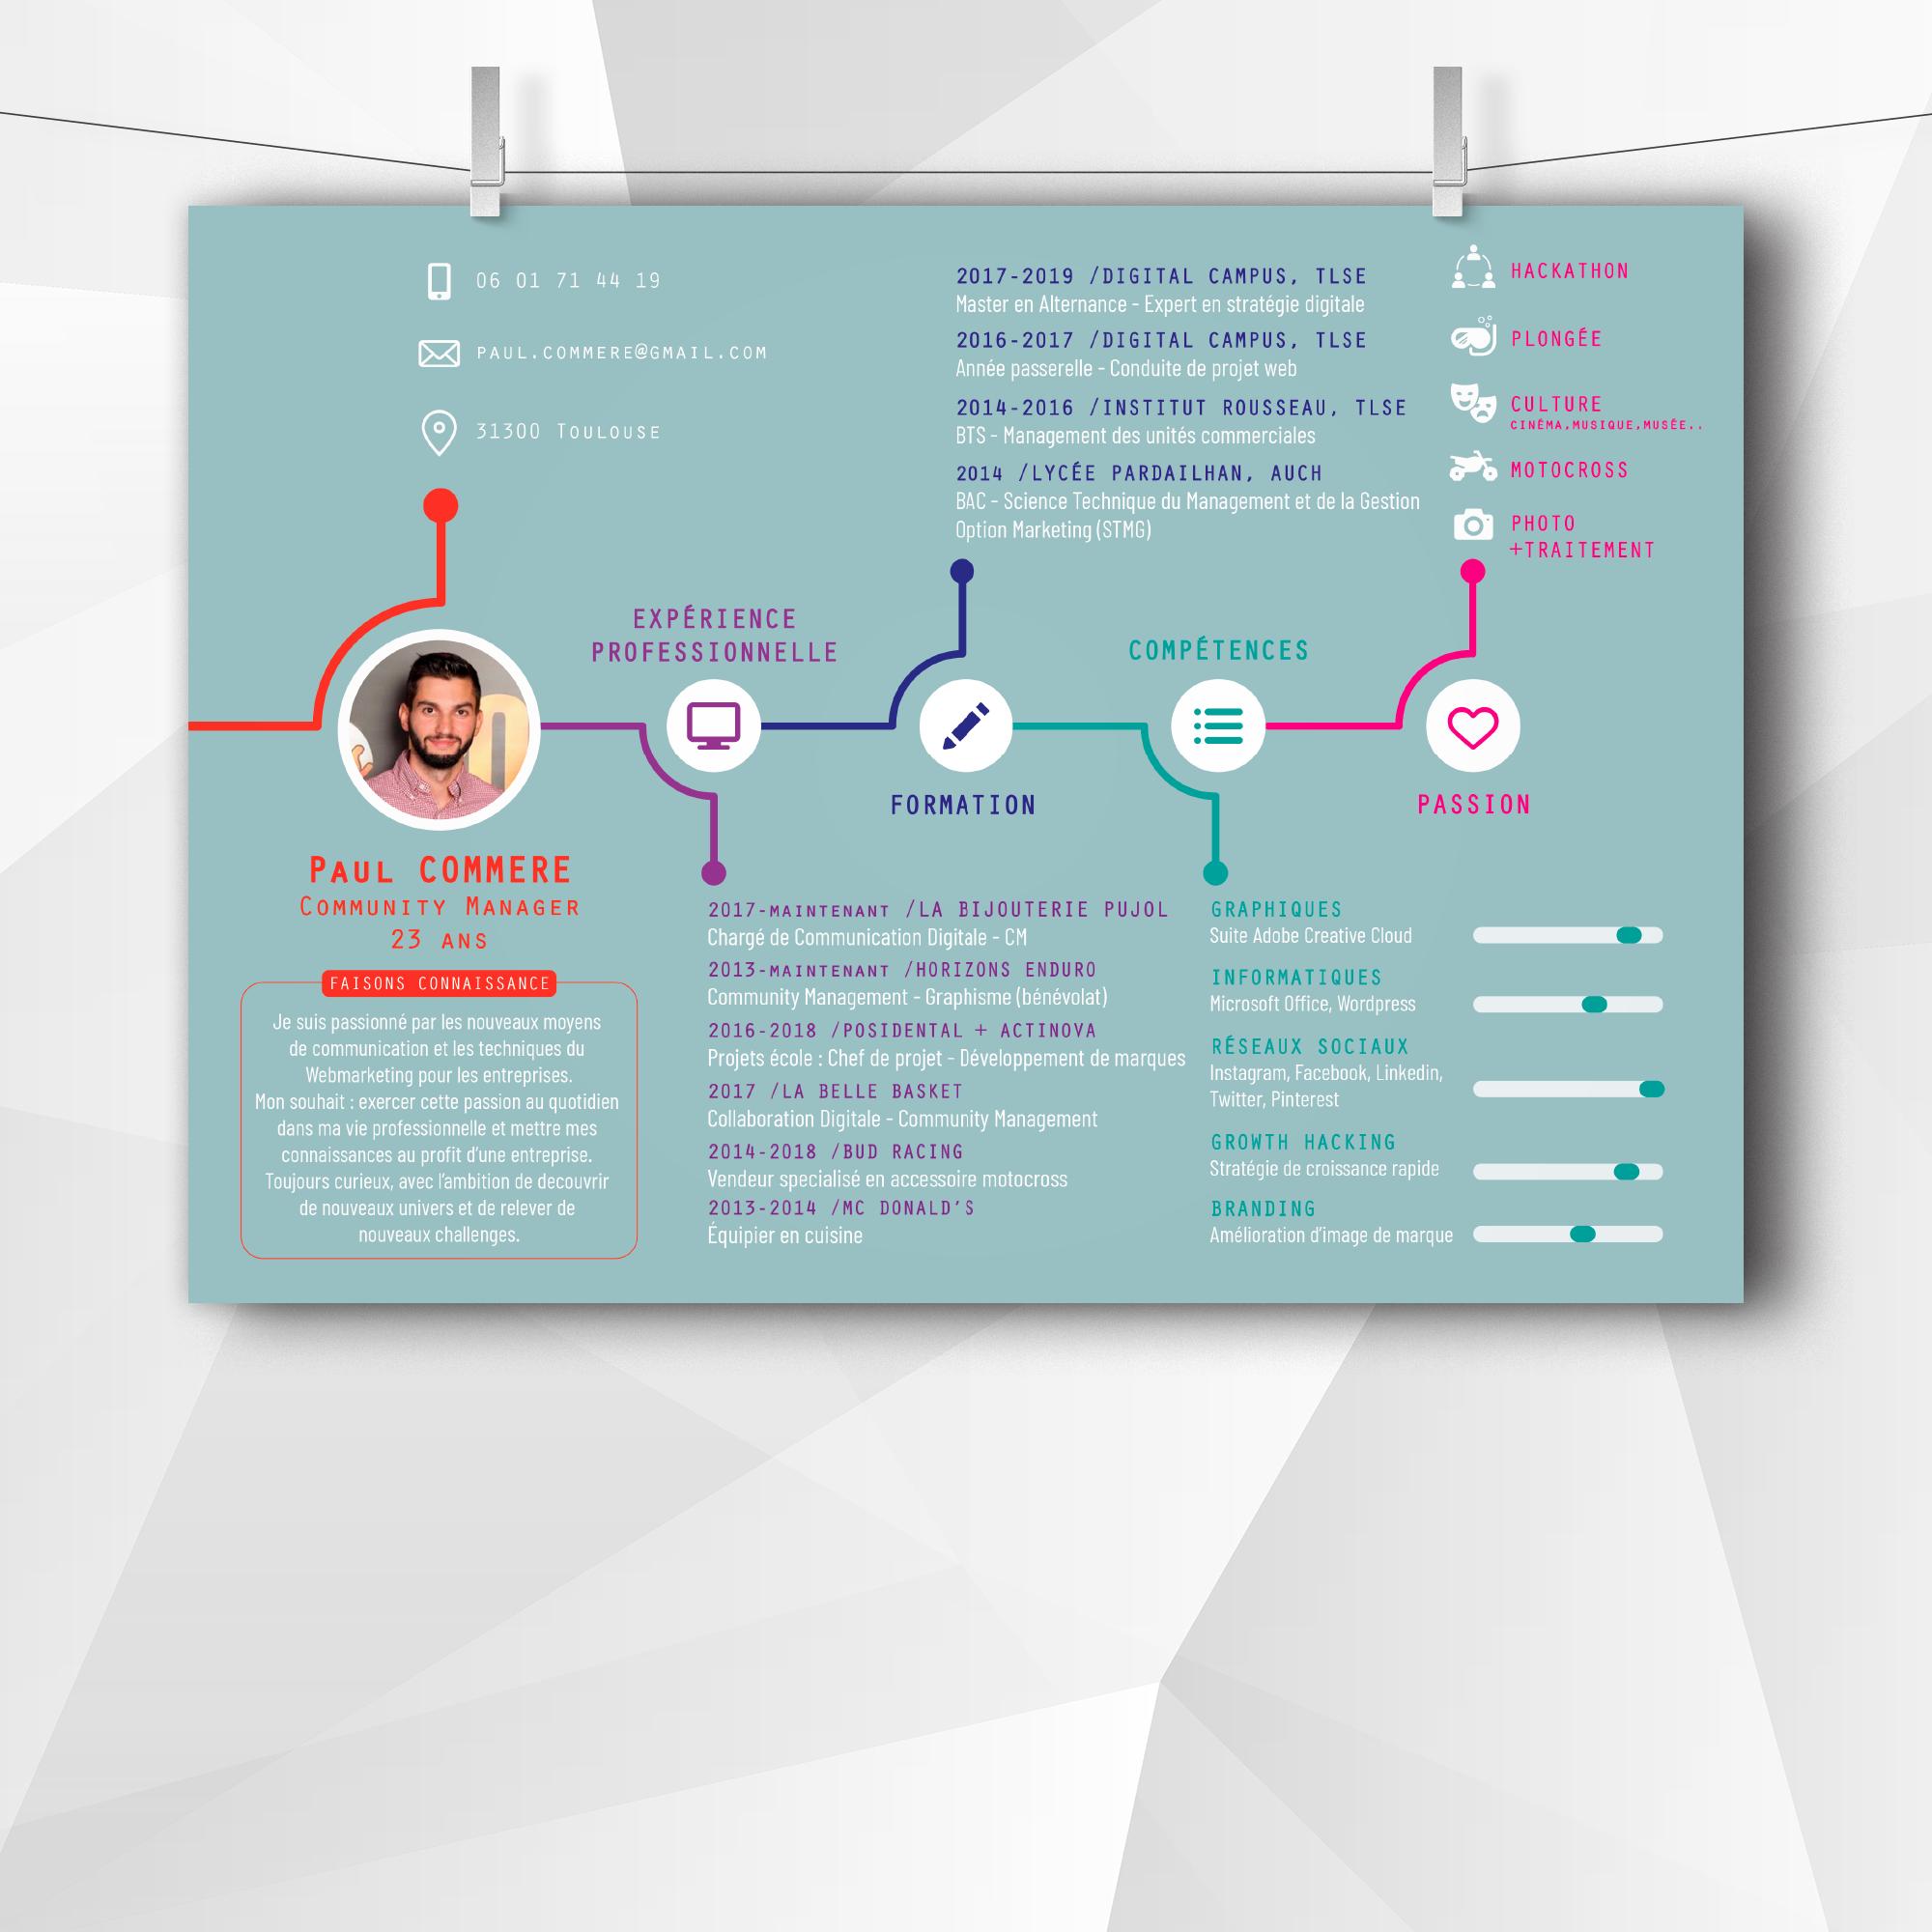 Modele 1 Cv Timeline Format A4 Paysage Ideal Pour L Envoi Par Mail Contact Idealisetoncv Gmail Com Cv Creatif Creation Cv Cv Original